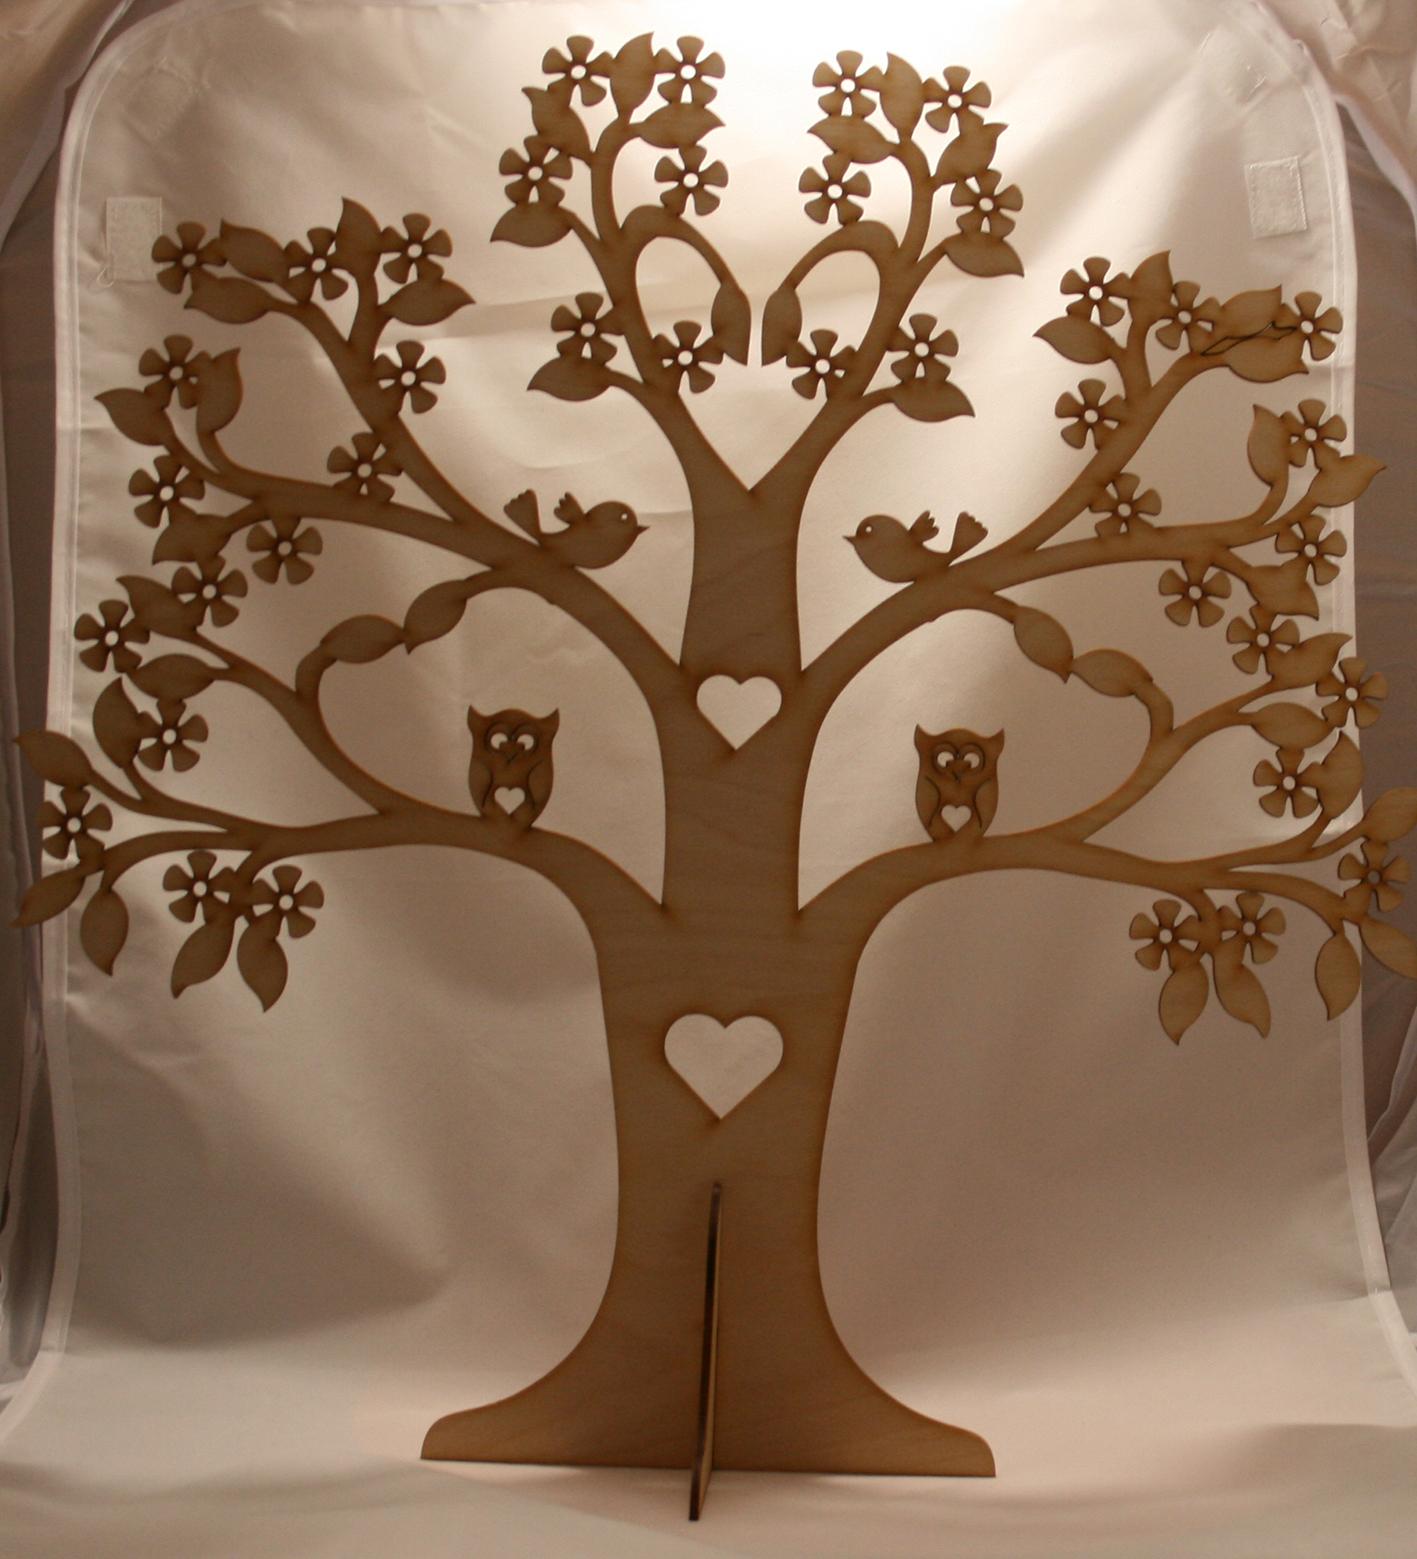 Фанерное дерево – это своего рода декоративное украшение. Только большого размера. Подобные изделия изготавливаются из березовой фанеры, толщина которой зависит от пожелания заказчика. Так же как и размер самого дерева. Есть несколько видов деревьев, которое будут украшением интерьера. Все изделия, выполненные из фанеры можно красить без предварительной подготовки изделия к покраске. Фанерное дерево, как правило изготавливается без дополнительных элементов на не. Только ветки. В данном случае на деревьях присутствуют птицы, а на кроне дерева есть сквозные отверстия в виде фигур. Фанерное дерево, большое или маленькое, подразумевает возможность его украсить, повесив на ветки, не большие и не тяжелые предметы. Это придаст дереву дополнительную красоту. Все изделия из фанеры изготавливаются при помощи лазерной резки. Данная технология резки фанеры позволяет точно изготавливать изделия по предоставленным чертежам.